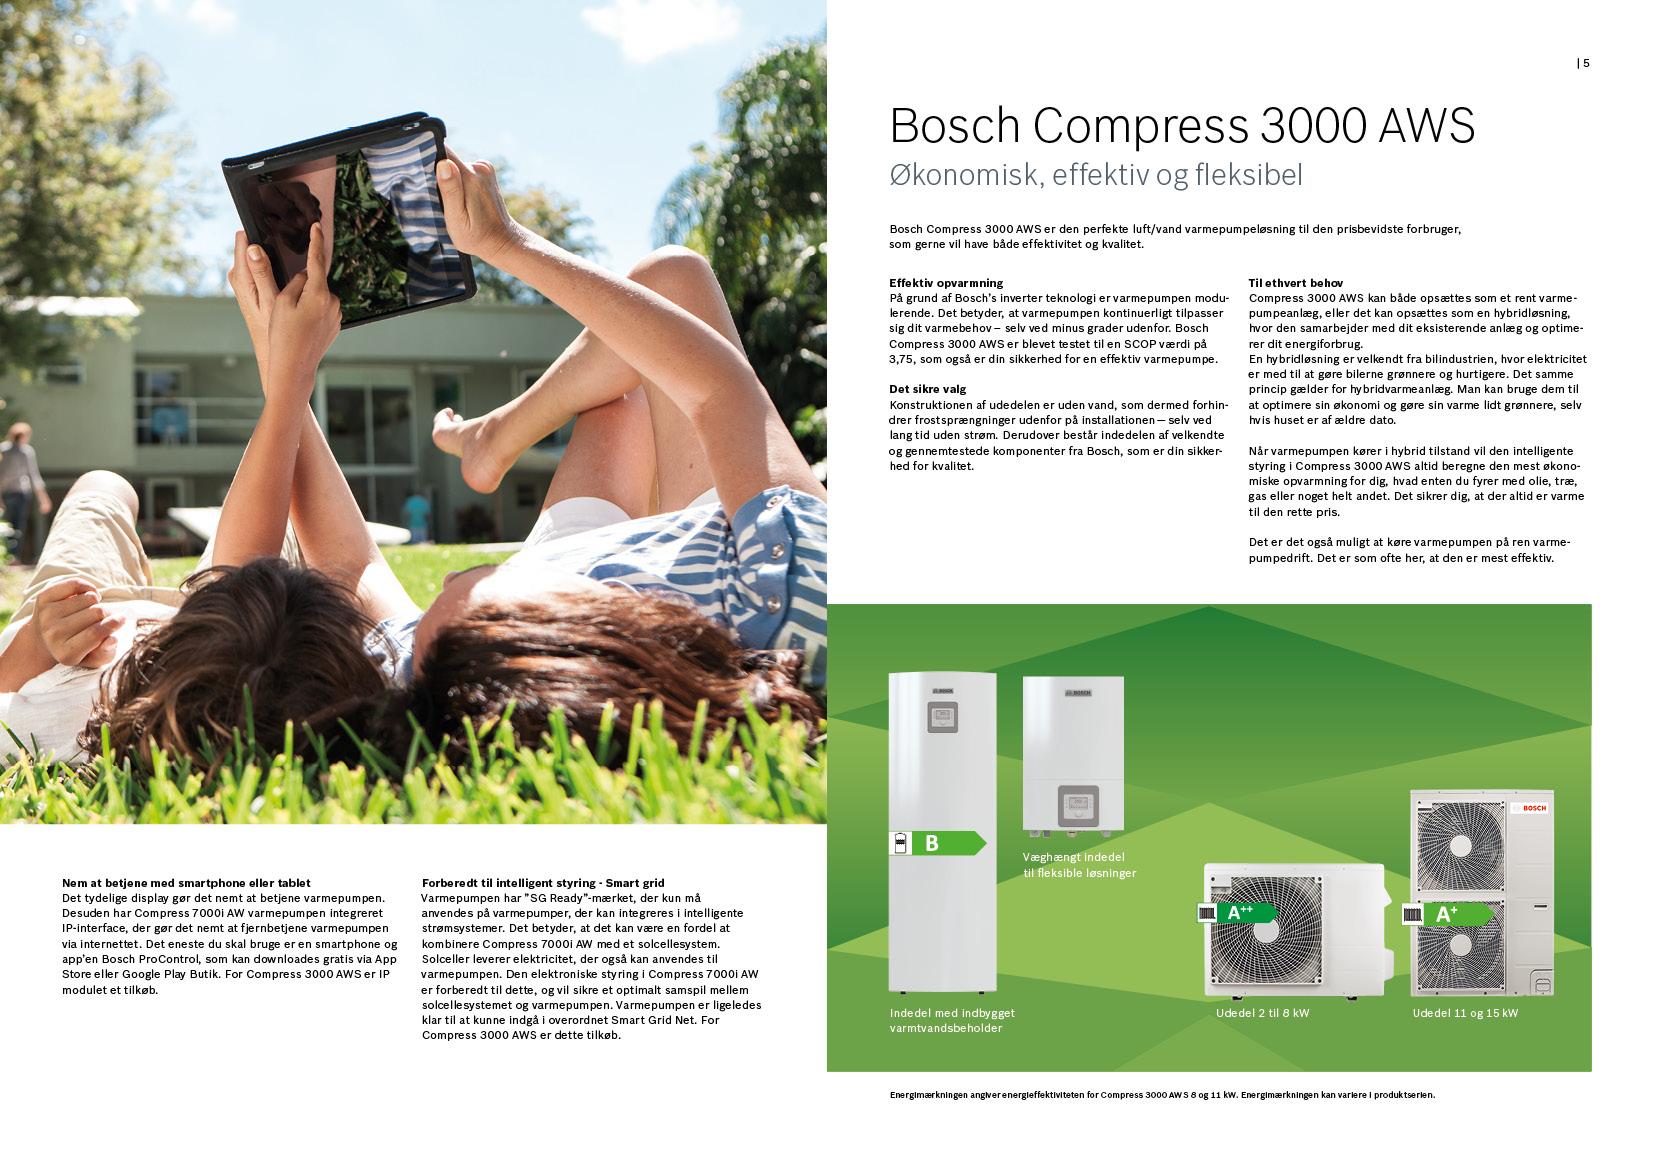 Bosch Luft_vand 7000i AW_3000 AWS3.jpg